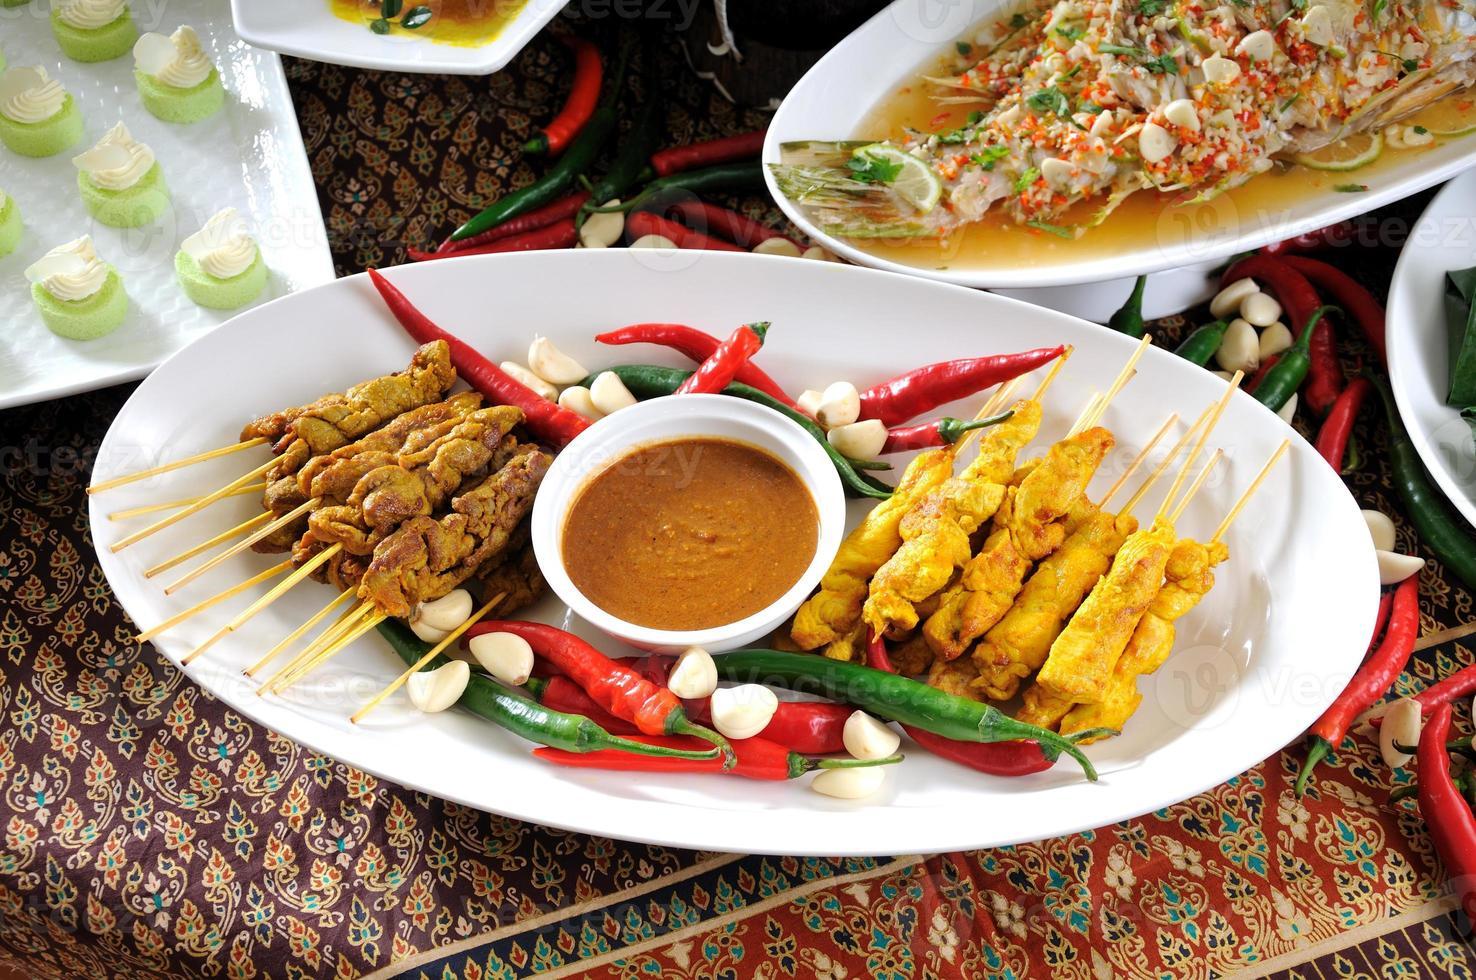 cucina tailandese, pollo satay, satay di manzo. foto